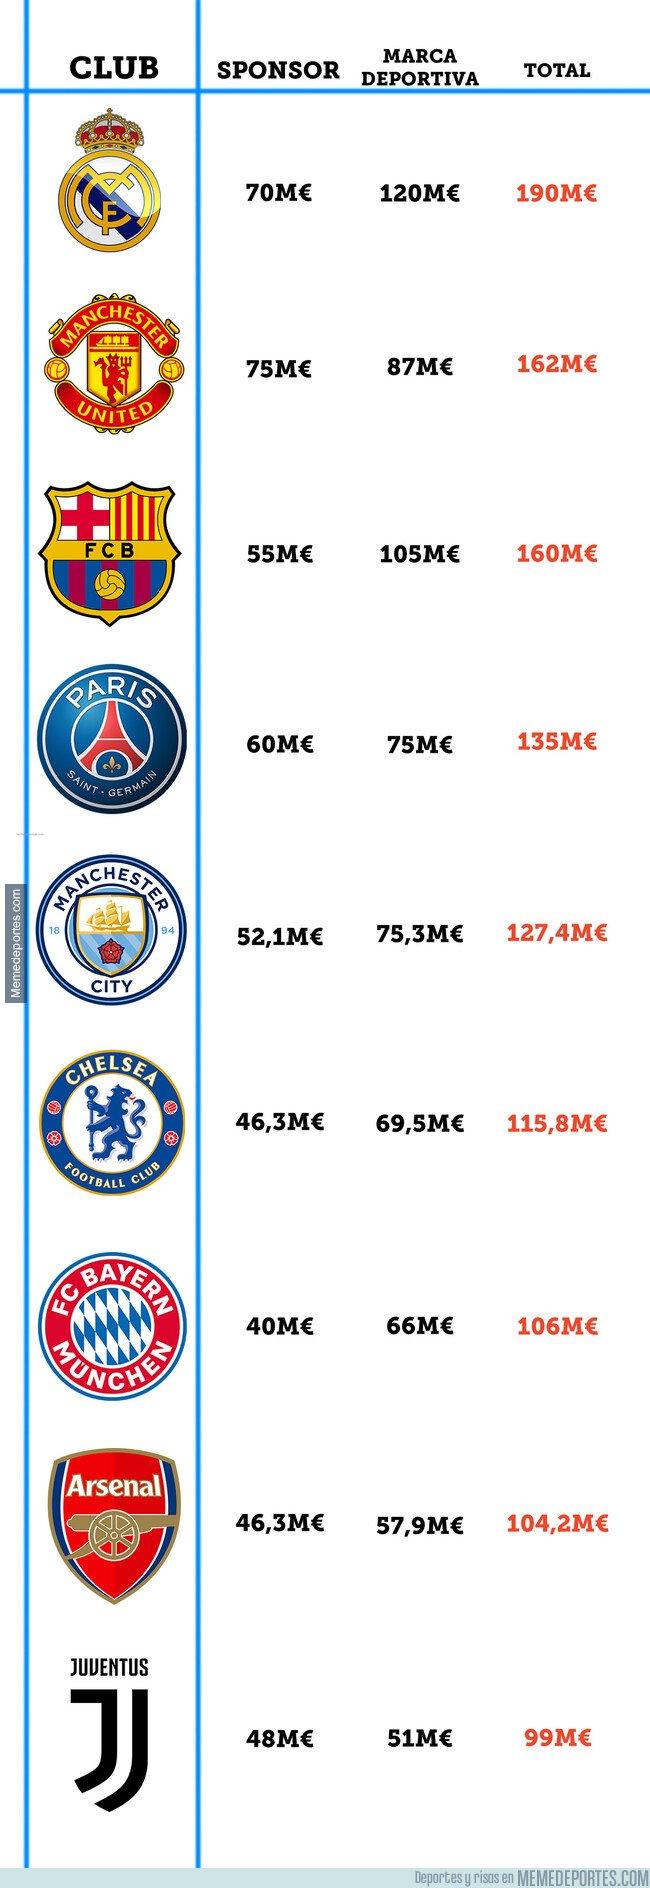 1089283 - Este es el TOP 10 de camisetas más valiosas de equipos de fútbol